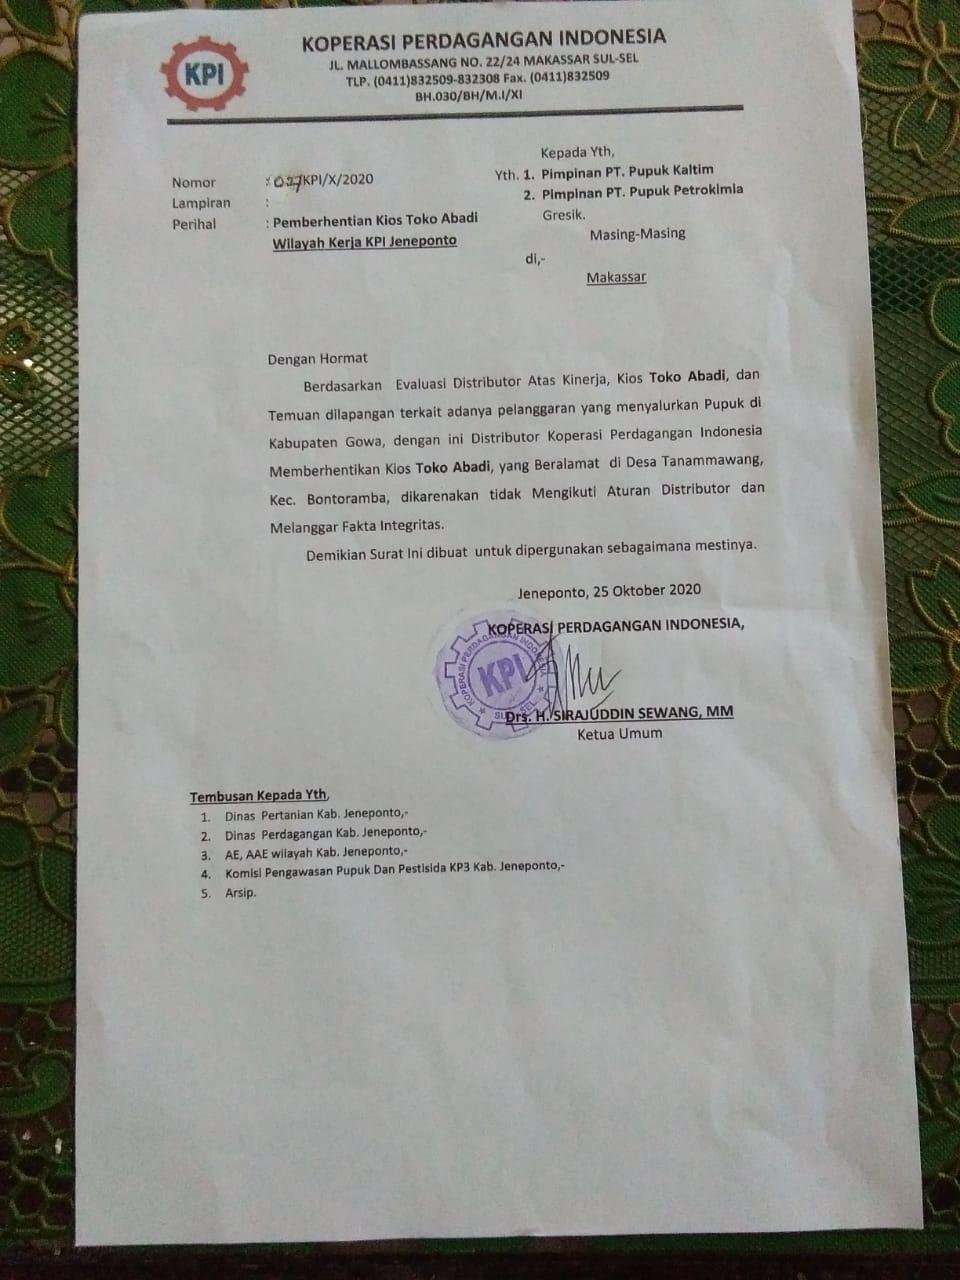 Jual Pupuk di Luar Kabupaten, KPI Berhentikan satu pengecer di Bontoramba